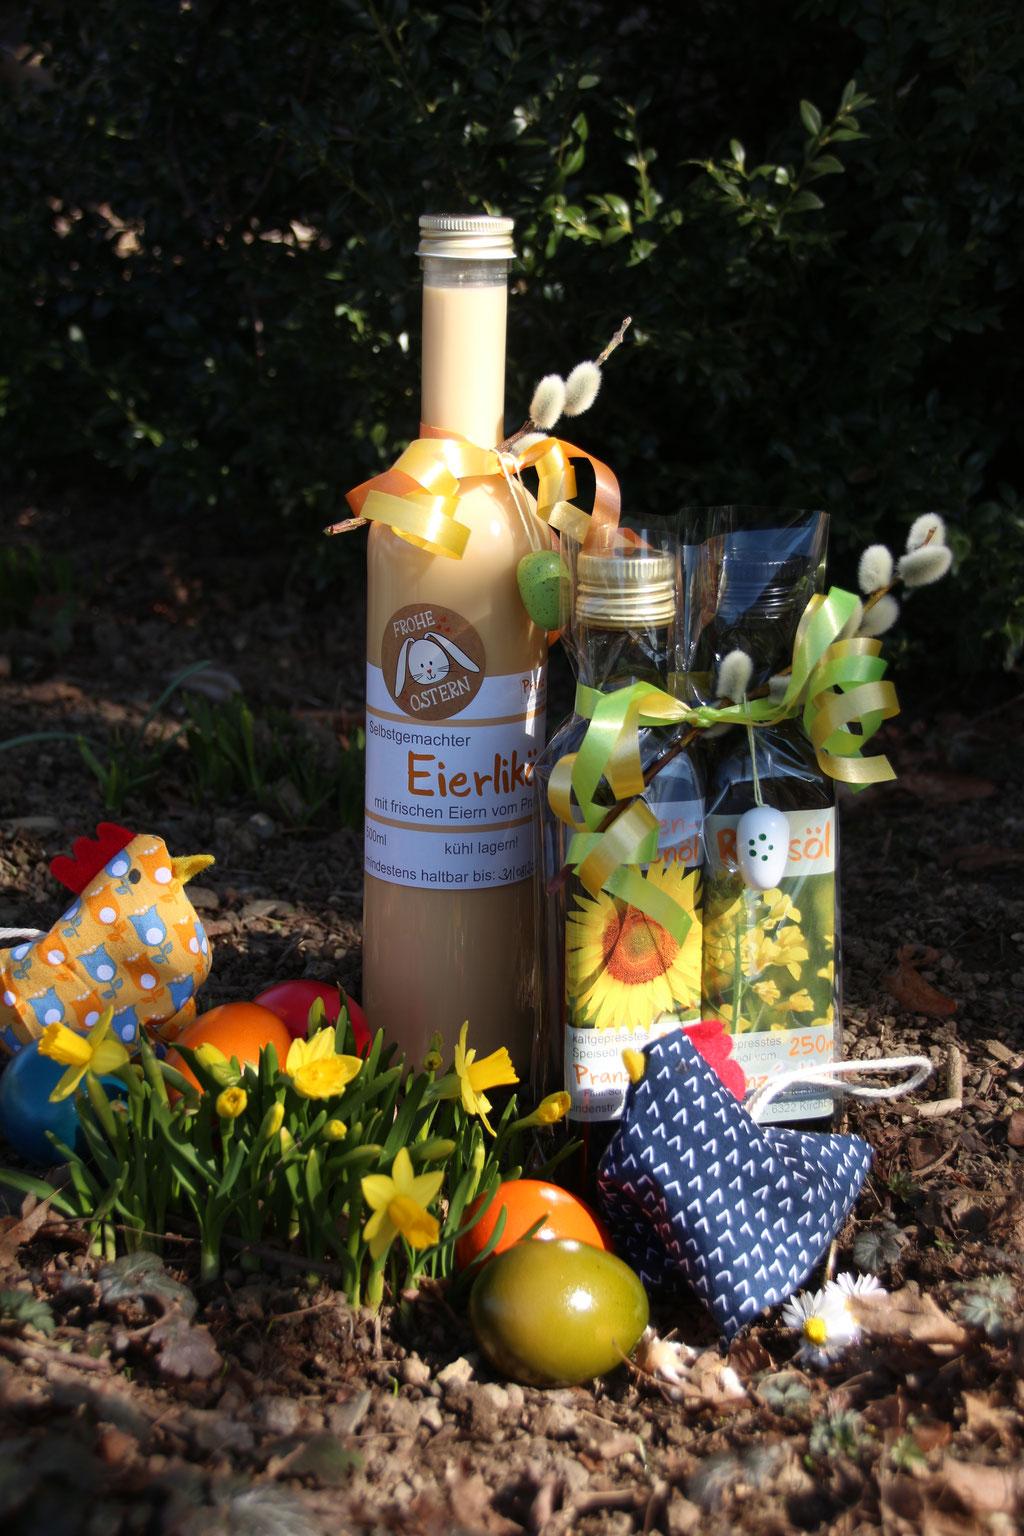 Österlich dekorierter Eierlikör und Speiseöl-Geschenkset - 2021